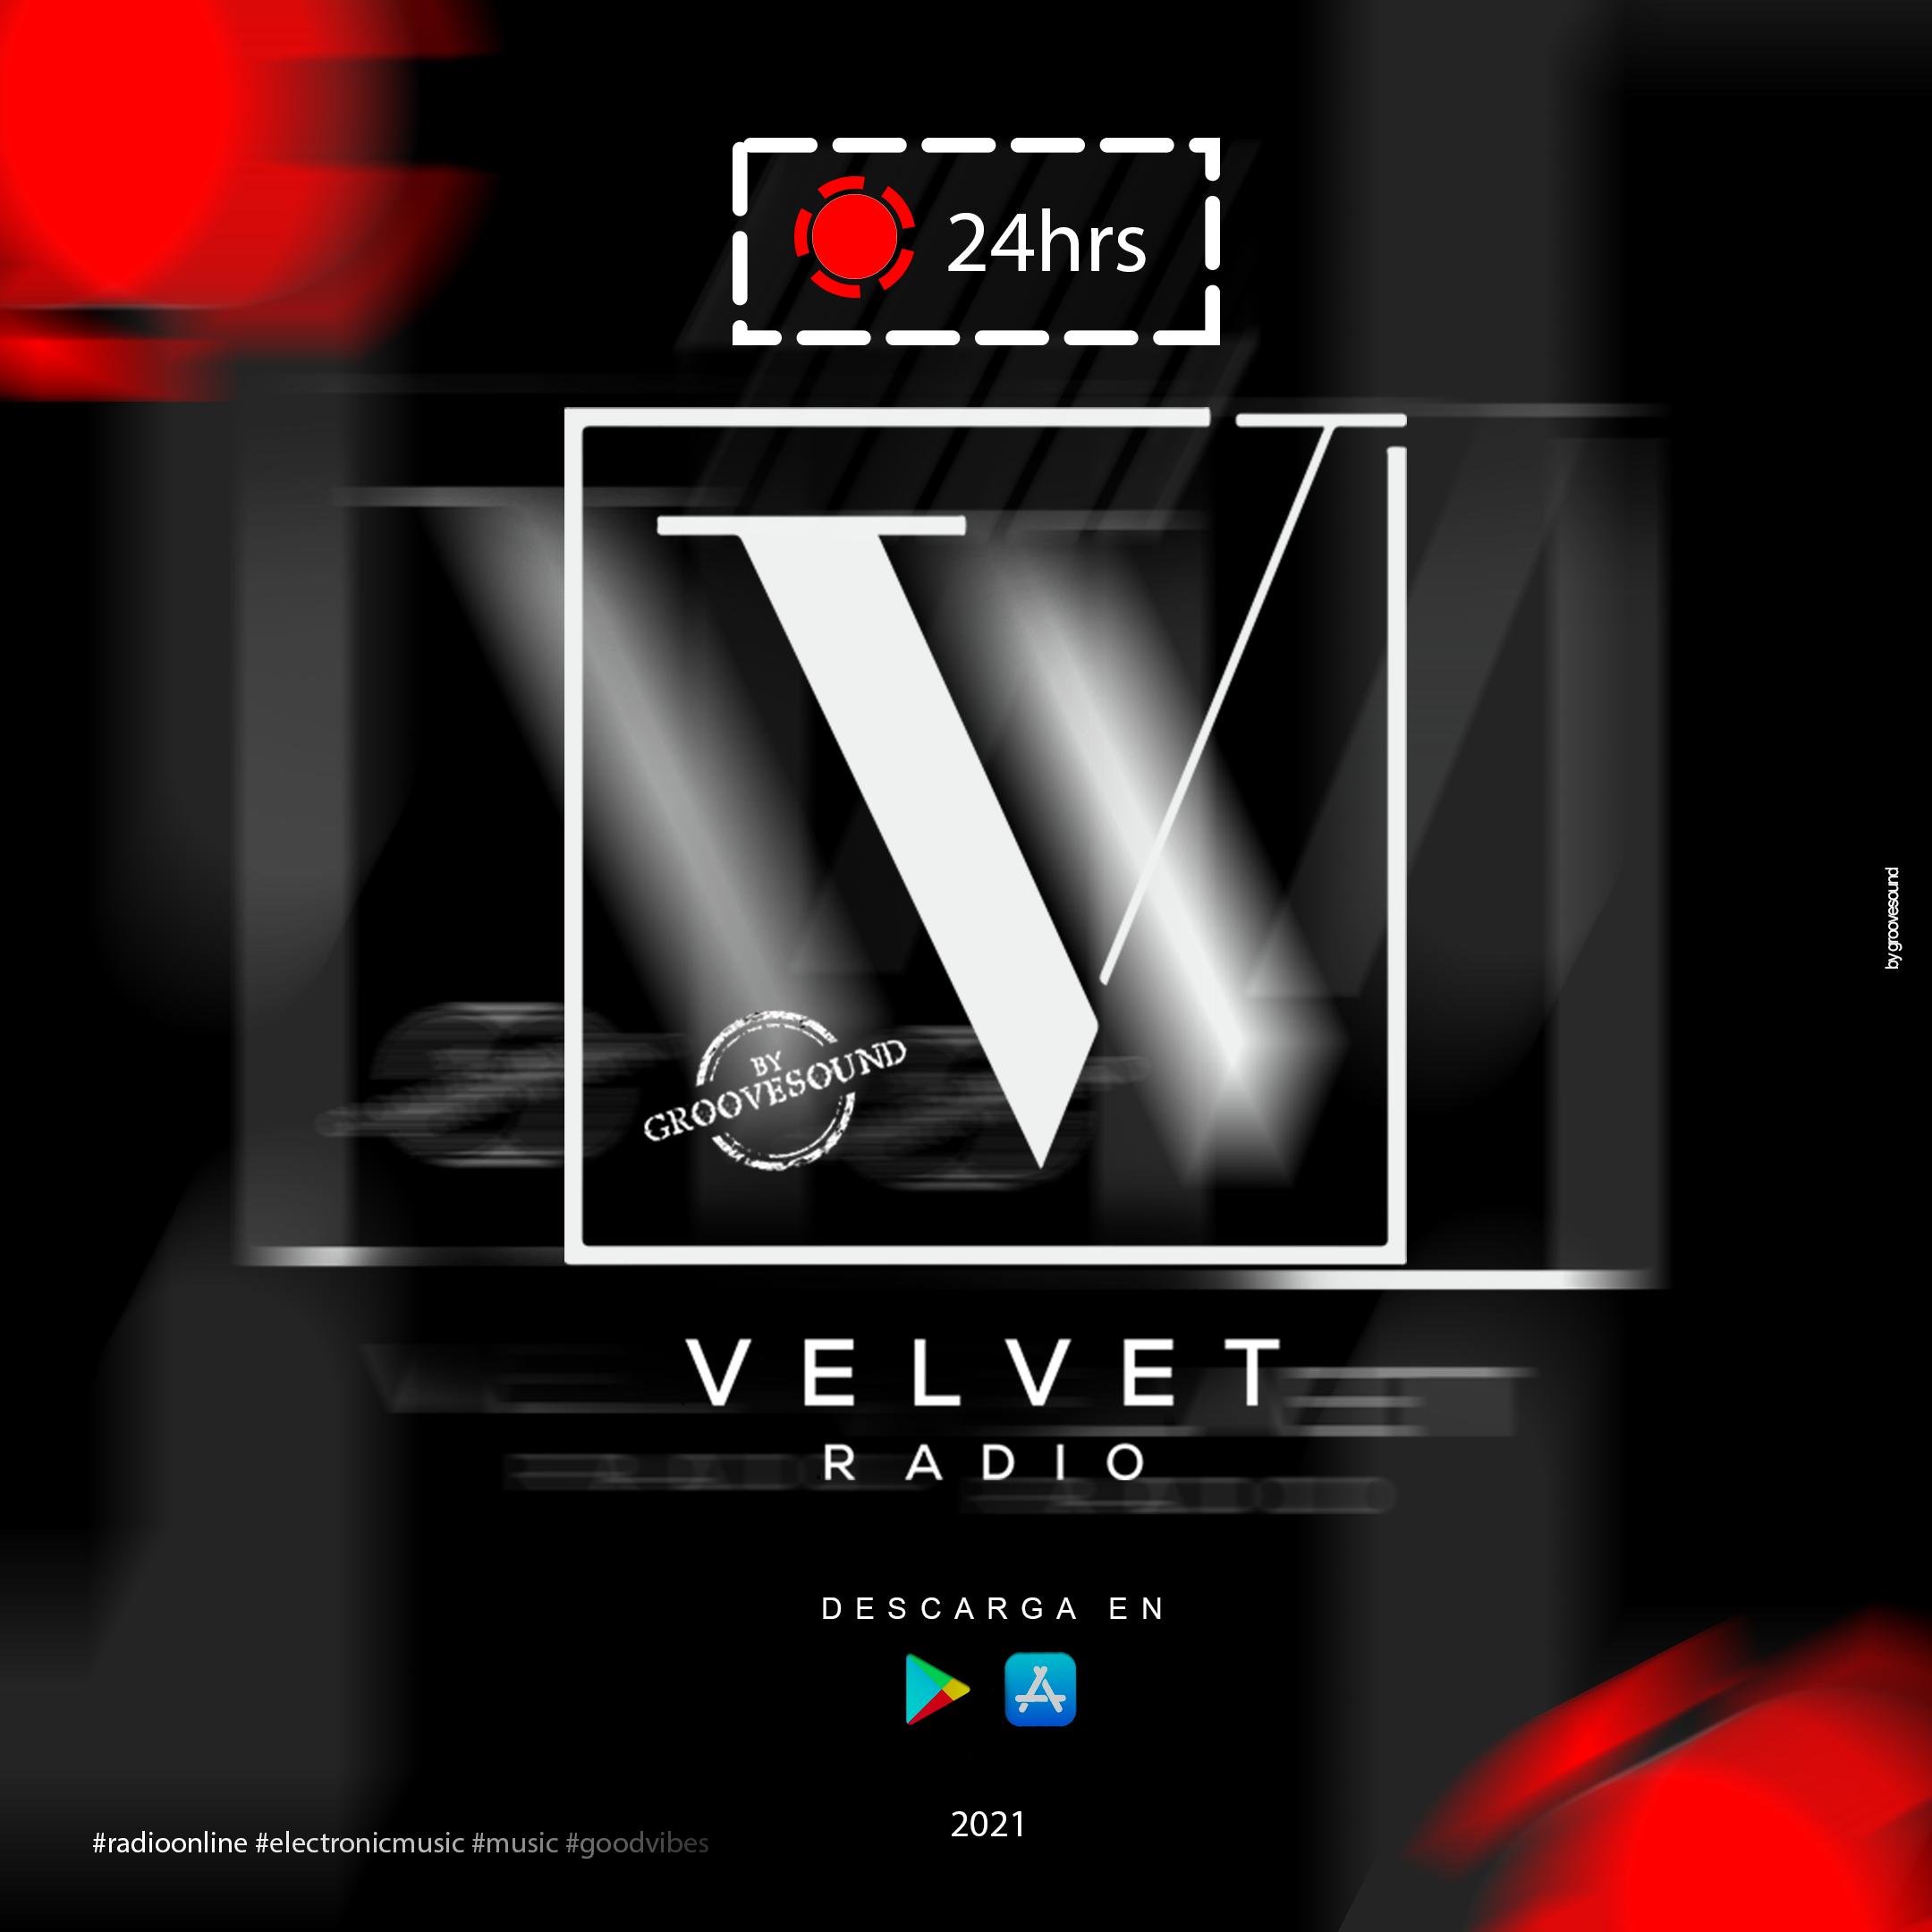 Velvet Radio